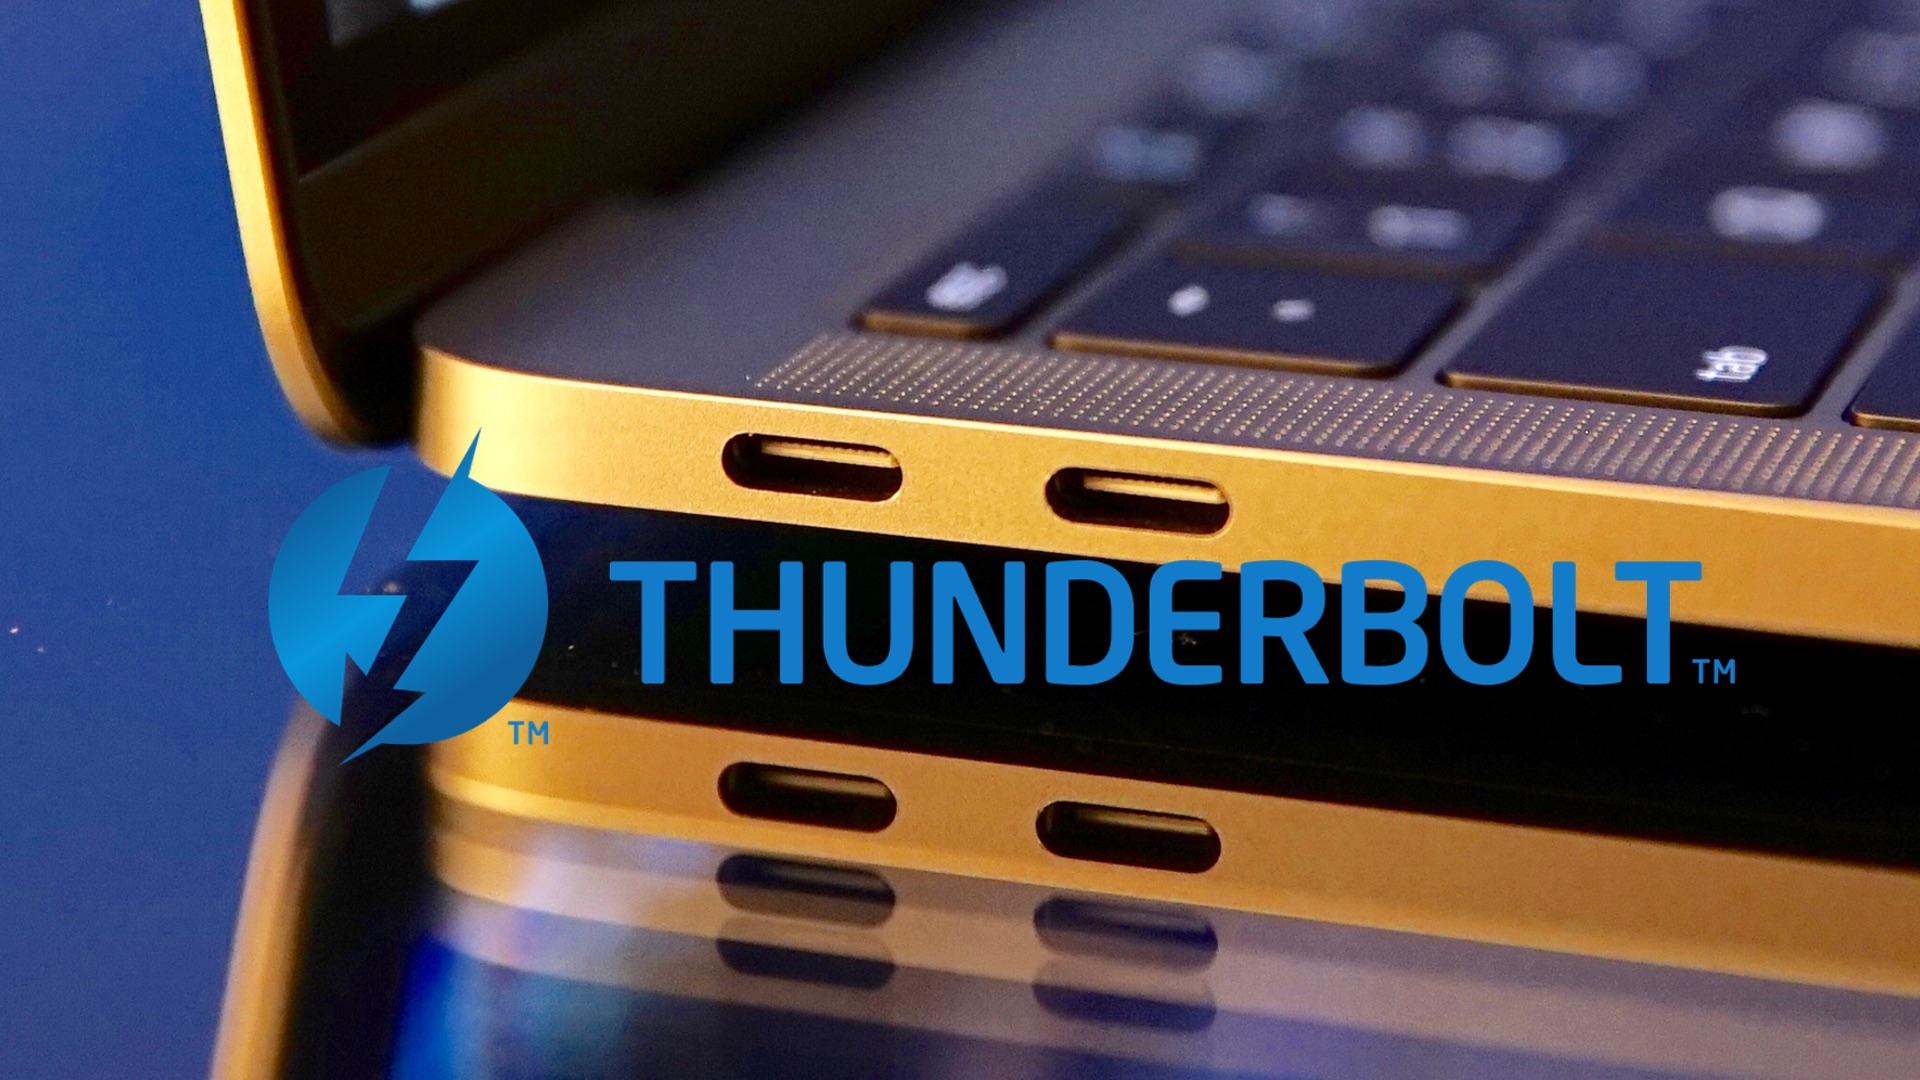 Thunderbolt: Adapter und Kabel für FireWire, USB 3.0, Ethernet etc ...